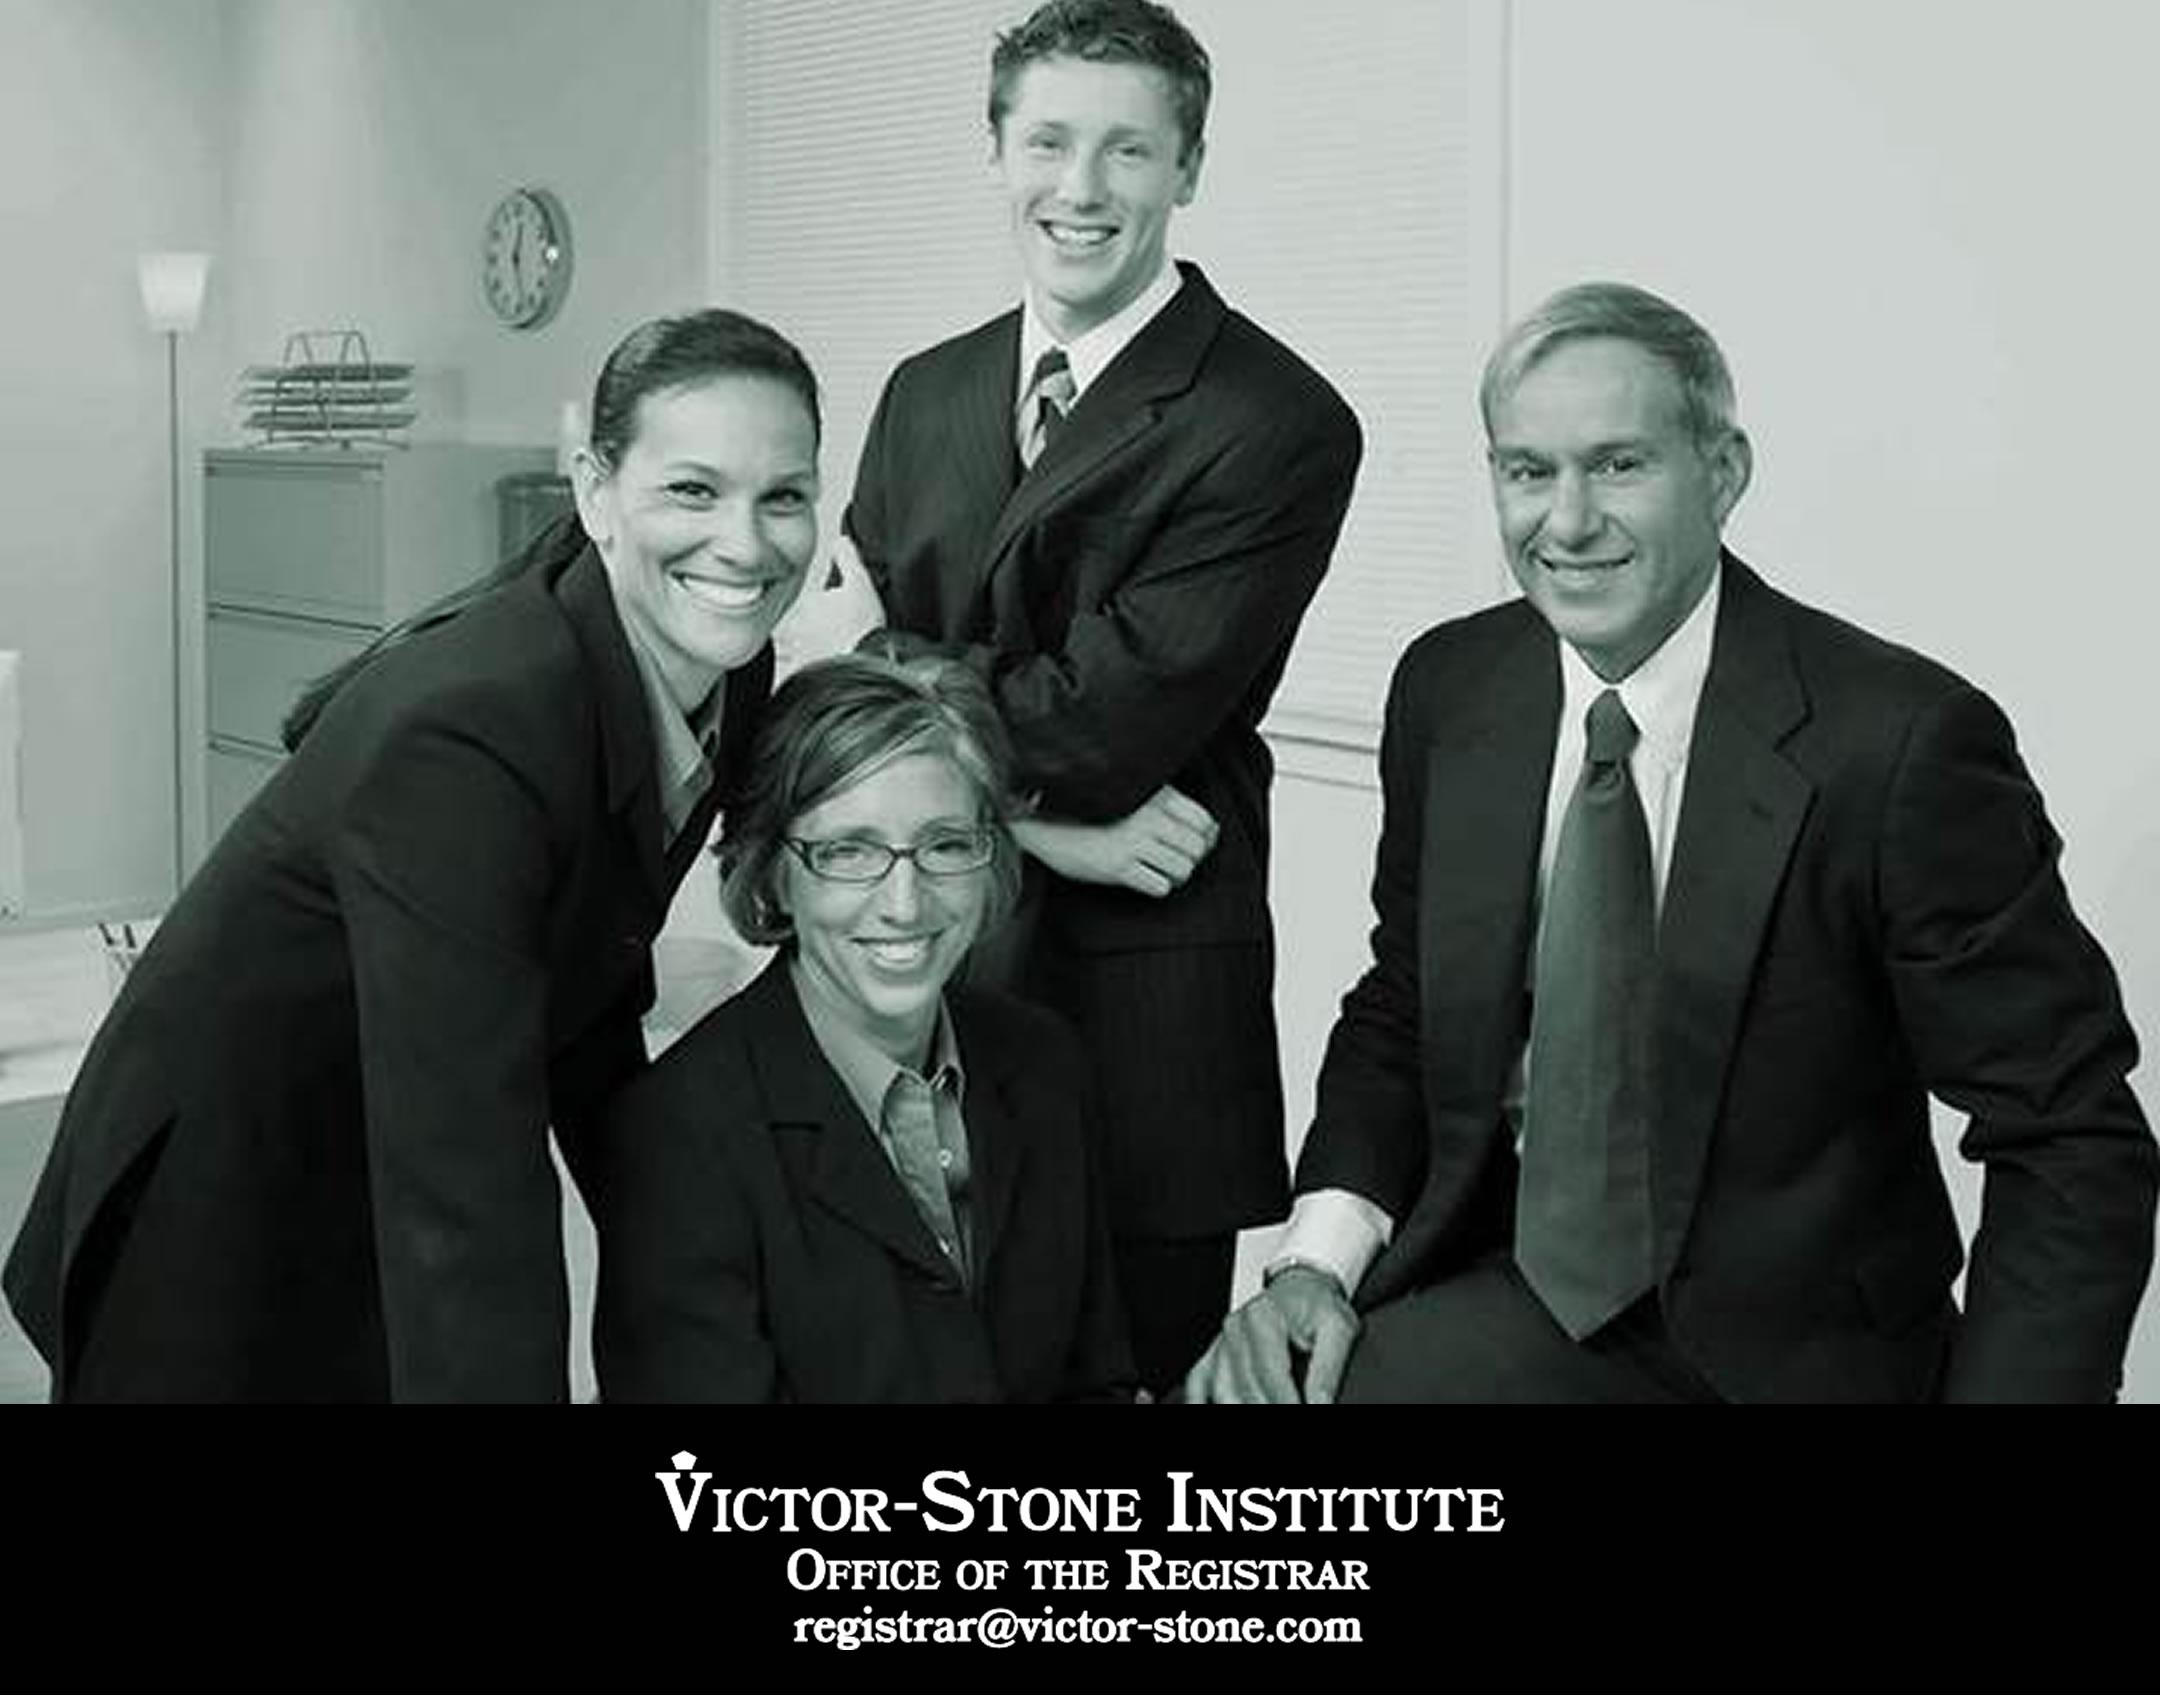 Registrar Victor-Stone Institute